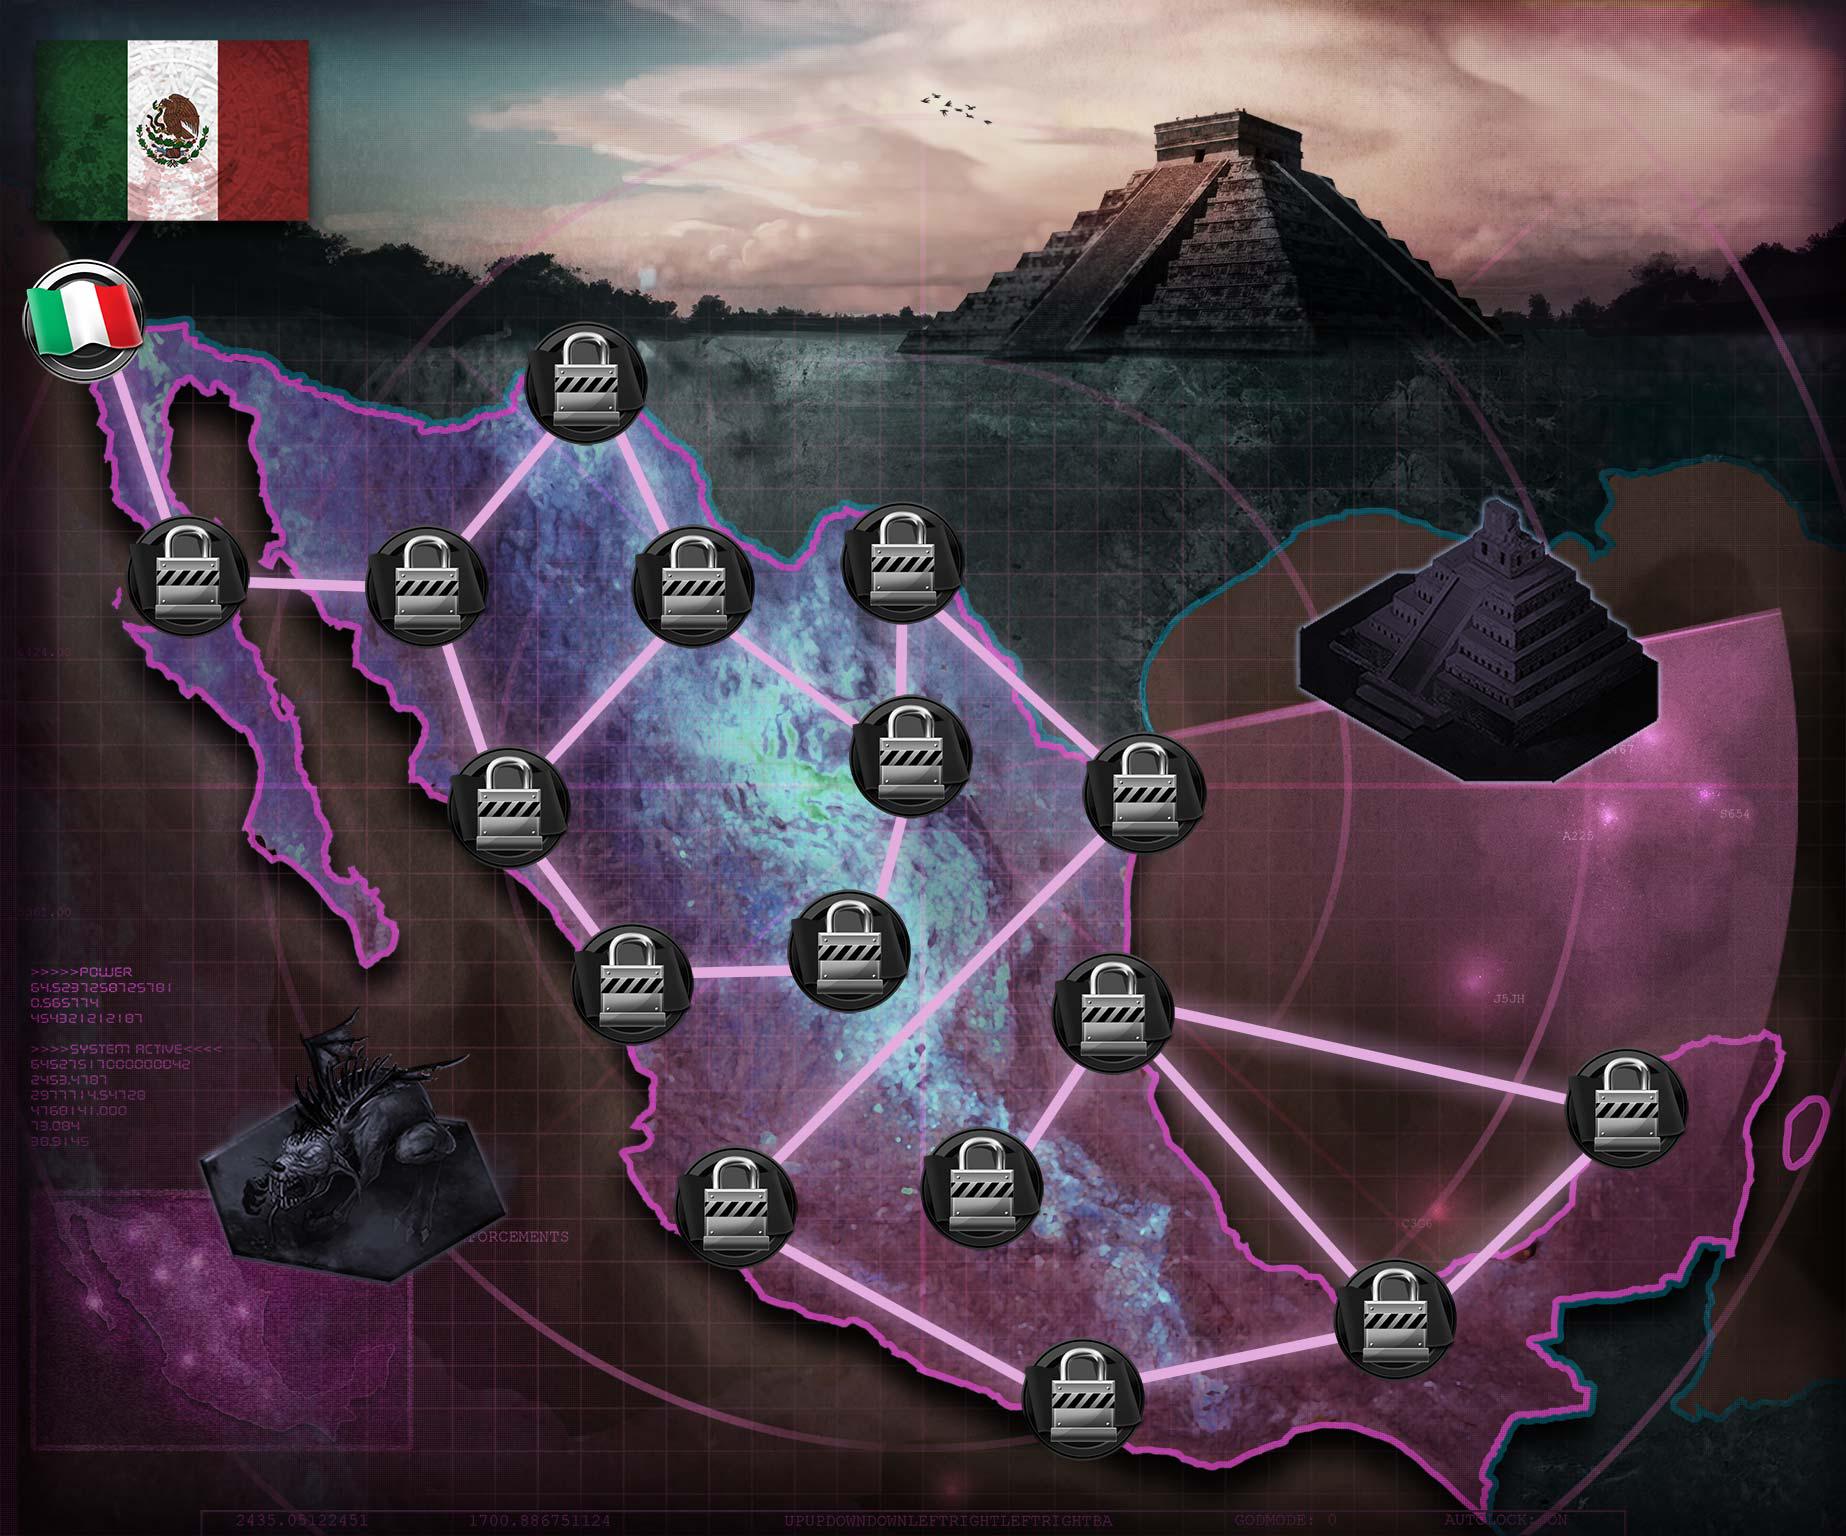 Velociraptor Underworld Empire District mexico